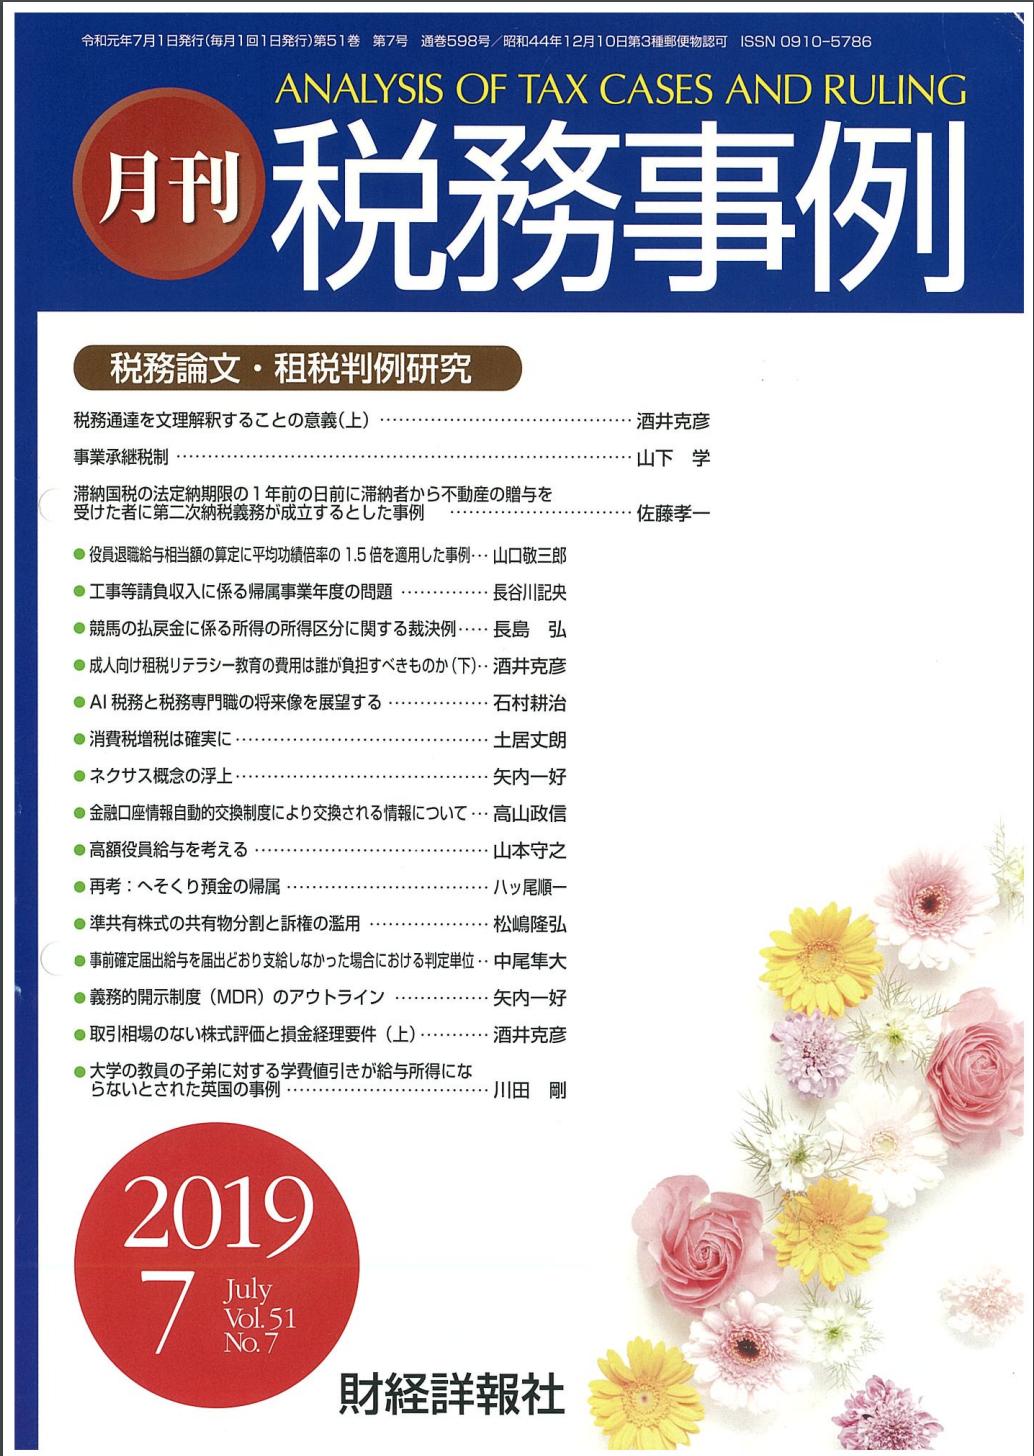 月刊税務事例第51巻7号